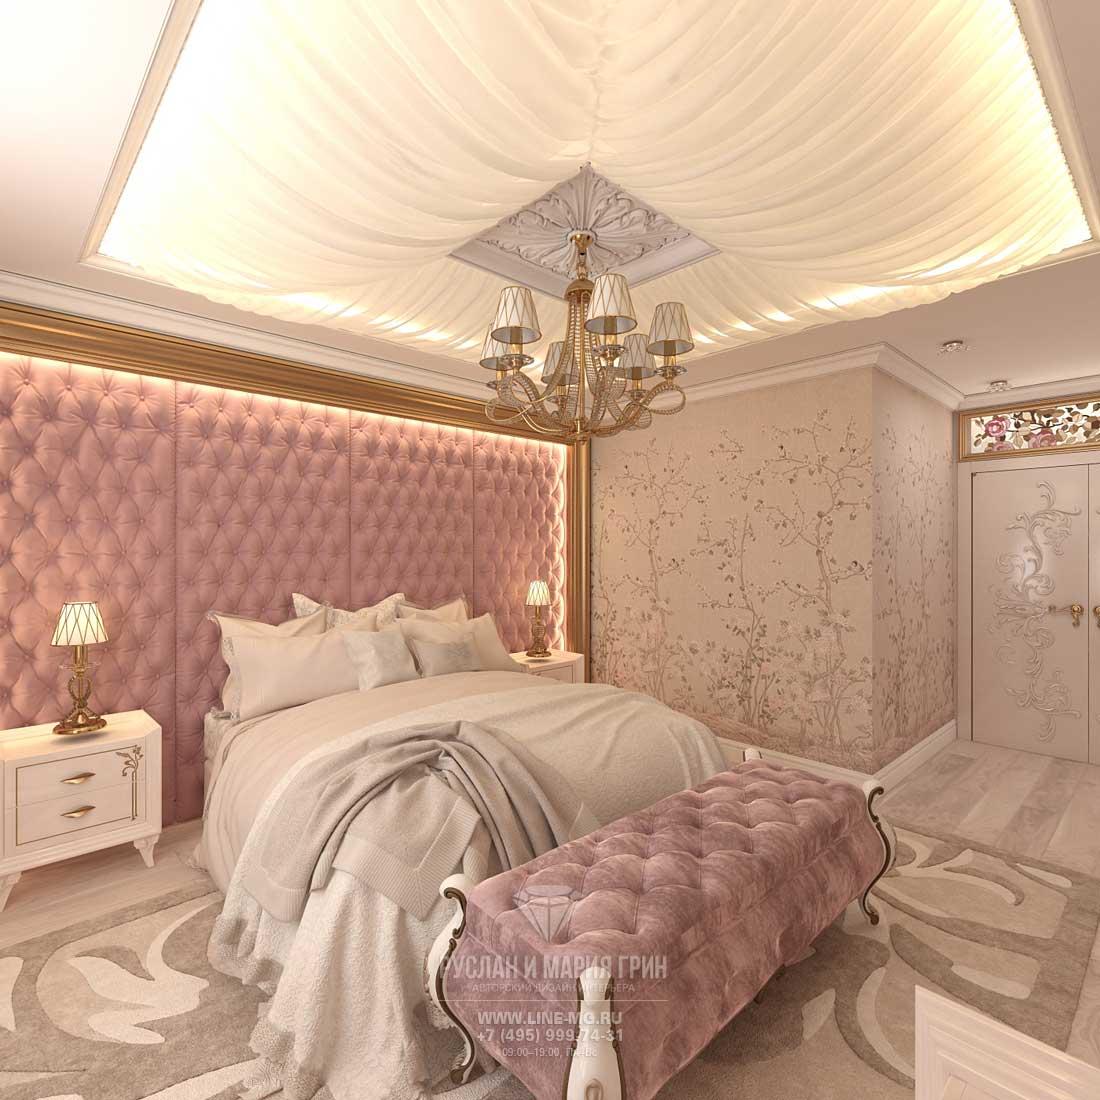 Элитный ремонт квартиры в Москве. Фото спальни с «каретной» стяжкой в отделке